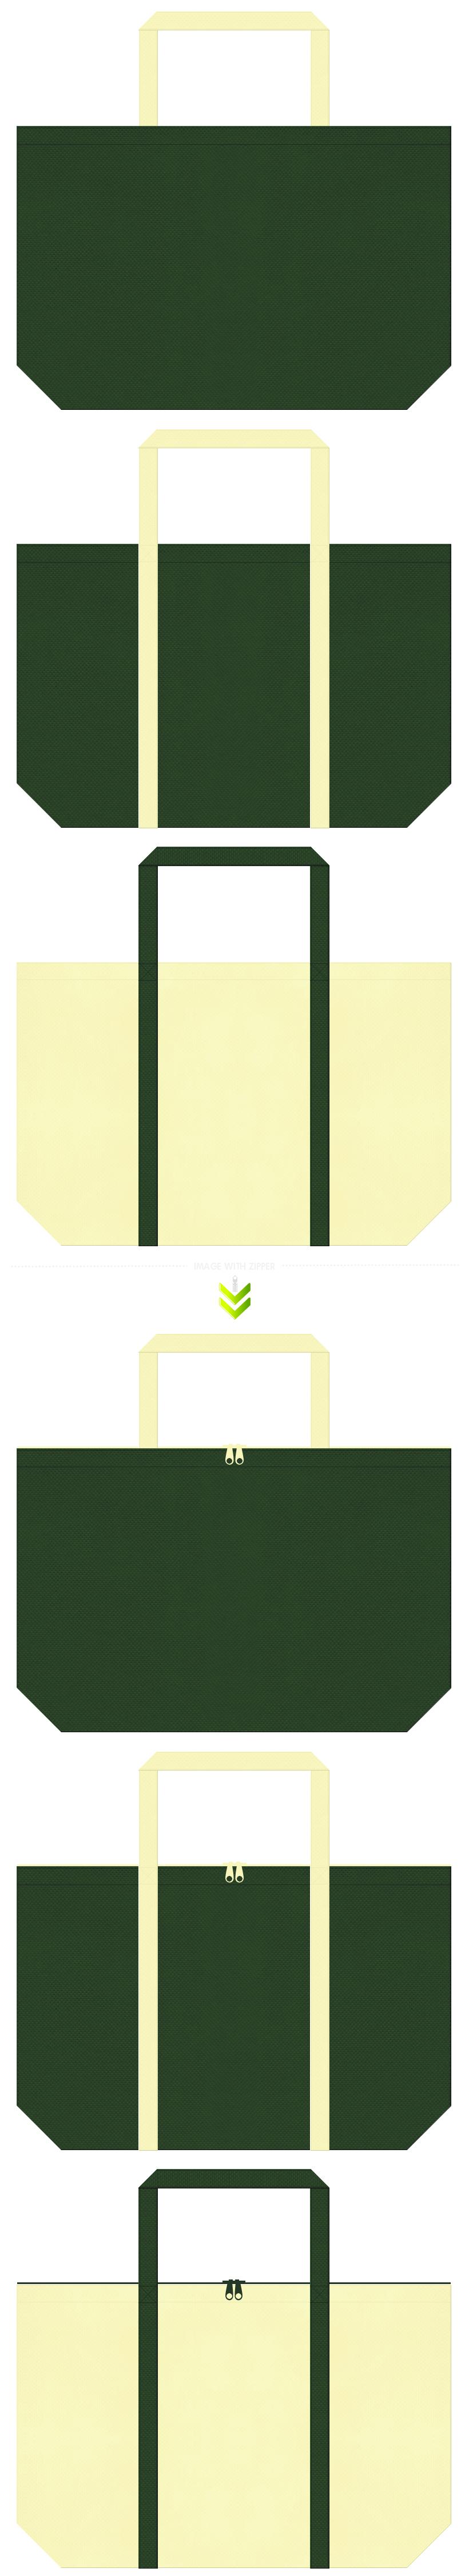 濃緑色と薄黄色の不織布エコバッグのデザイン。